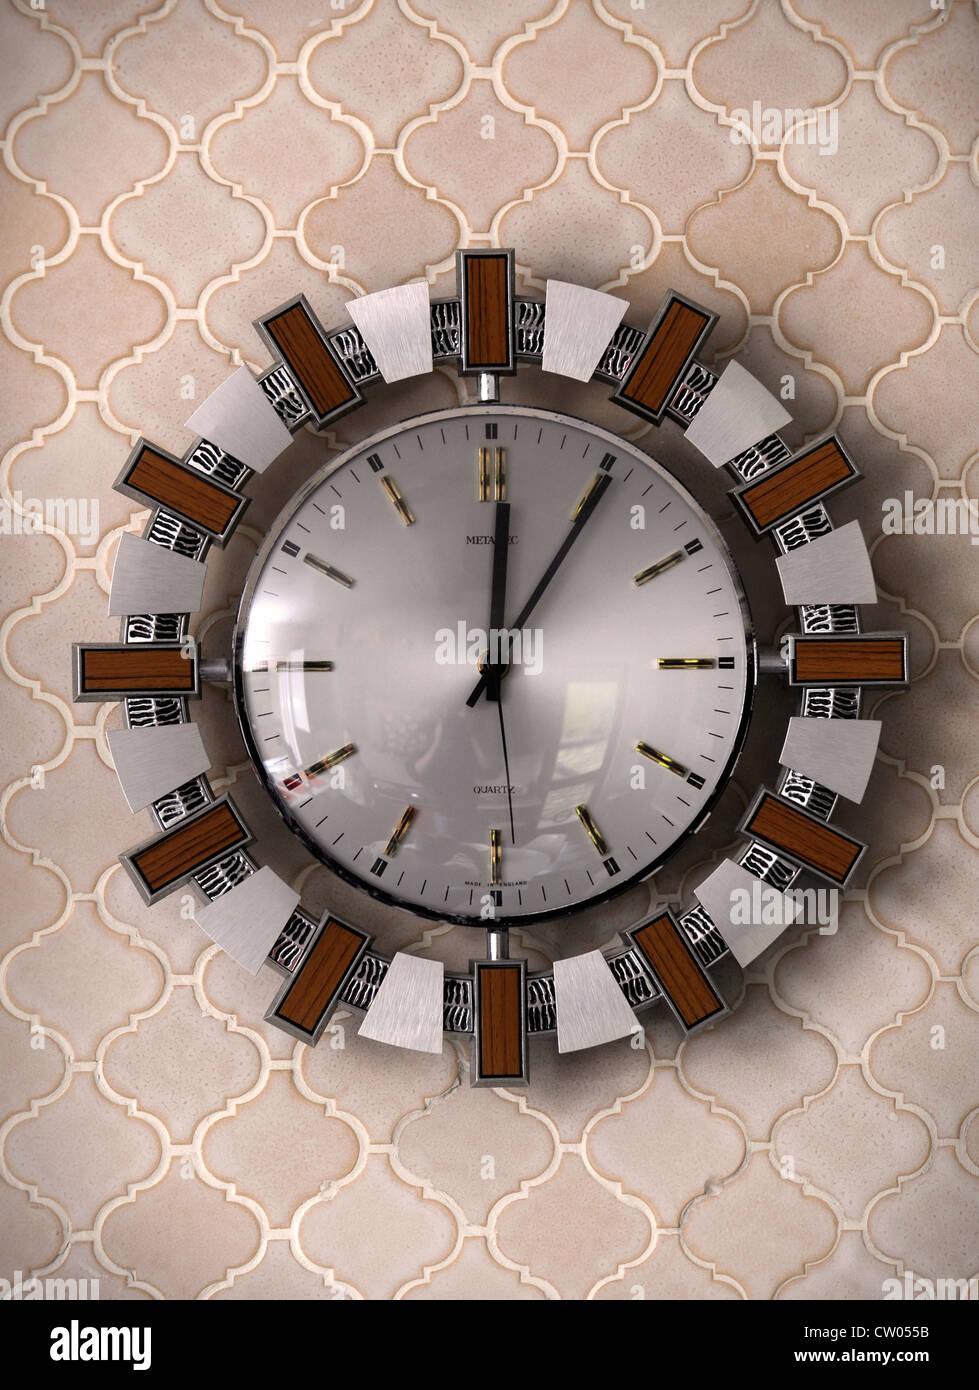 Eine Uhr Im 70er Jahre Stil Haus, Das In Eine 1975 Magazin Verjüngungskur  UK Zu Sehen War